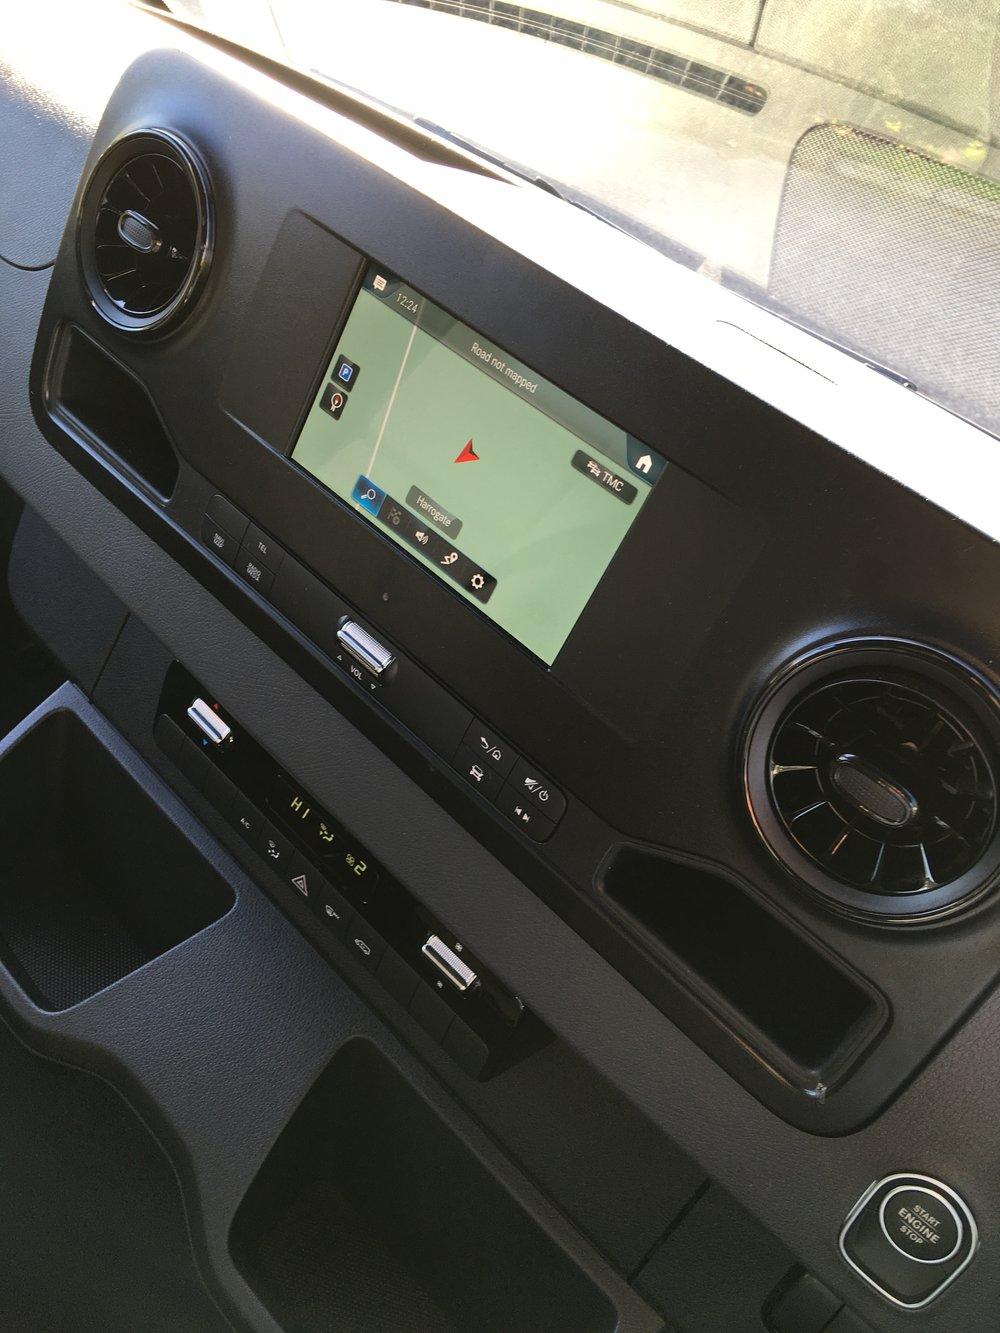 Mercedes-Benz MBUX system